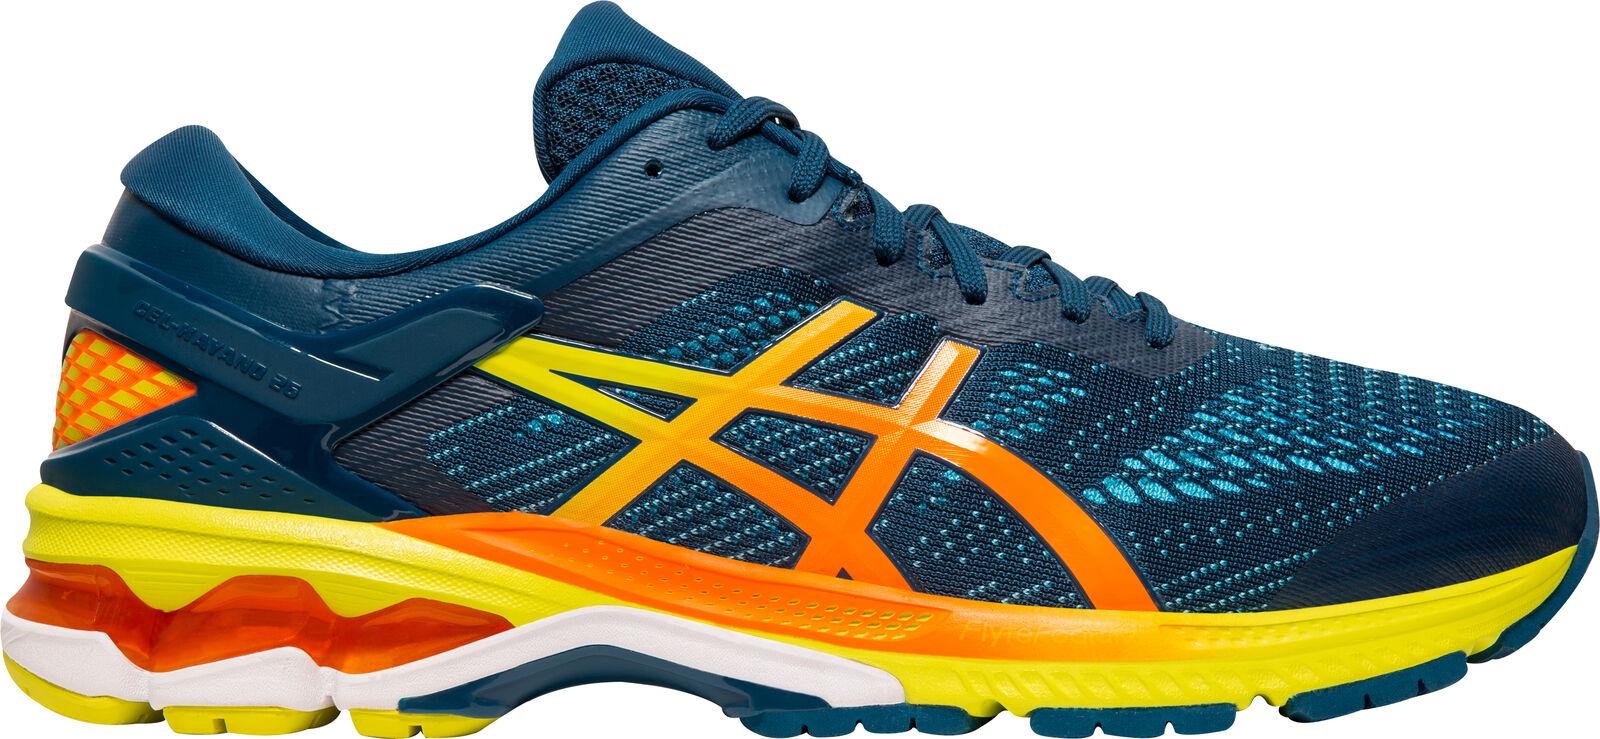 Asics Gel Kayano 26 Hombres Zapatos para Correr-Azul